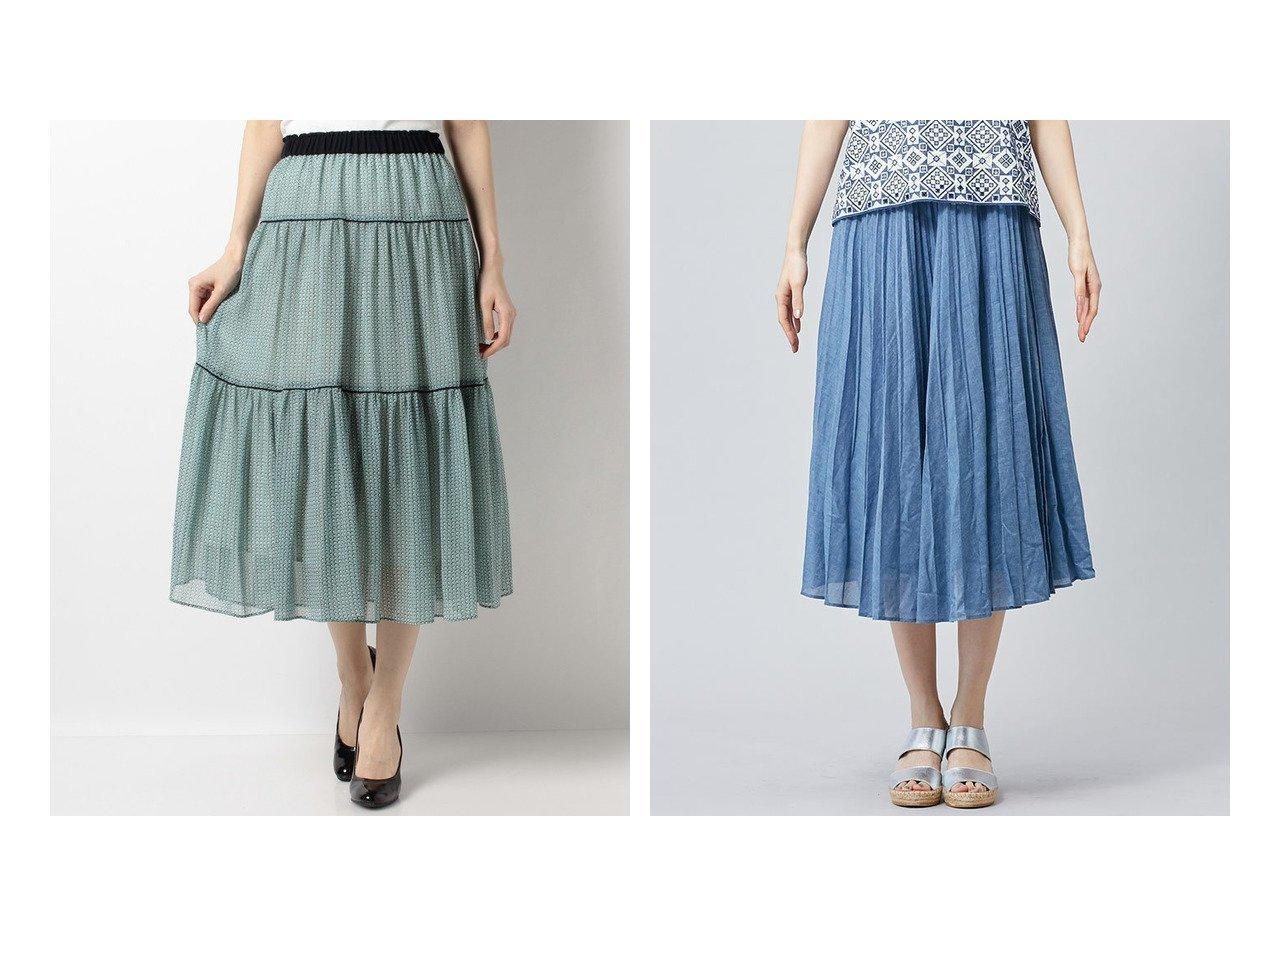 【ANAYI/アナイ】のドットプリントティアードスカート&【LEILIAN/レリアン】のランダムプリーツスカート 【スカート】おすすめ!人気、トレンド・レディースファッションの通販 おすすめで人気の流行・トレンド、ファッションの通販商品 メンズファッション・キッズファッション・インテリア・家具・レディースファッション・服の通販 founy(ファニー) https://founy.com/ ファッション Fashion レディースファッション WOMEN スカート Skirt ティアードスカート Tiered Skirts プリーツスカート Pleated Skirts S/S・春夏 SS・Spring/Summer サマー シフォン ティアードスカート ドット 再入荷 Restock/Back in Stock/Re Arrival 春 Spring インディゴ プリーツ ランダム |ID:crp329100000035438